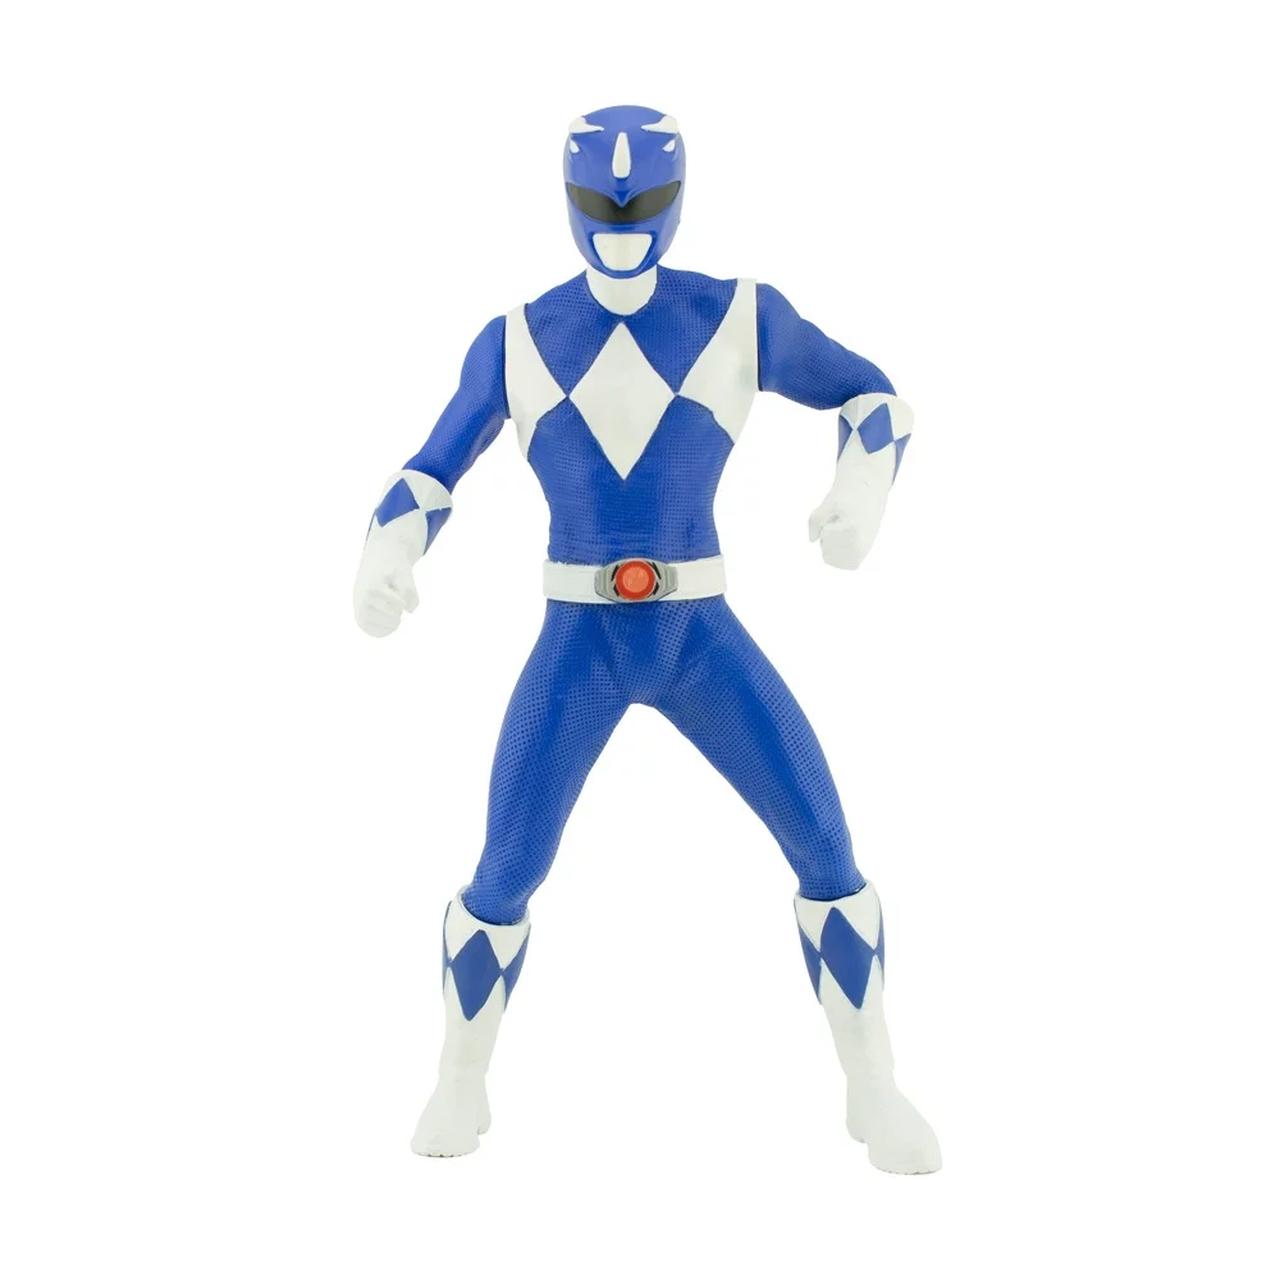 Boneco Power Rangers Gigante 40cm Ranger Azul - Mimo